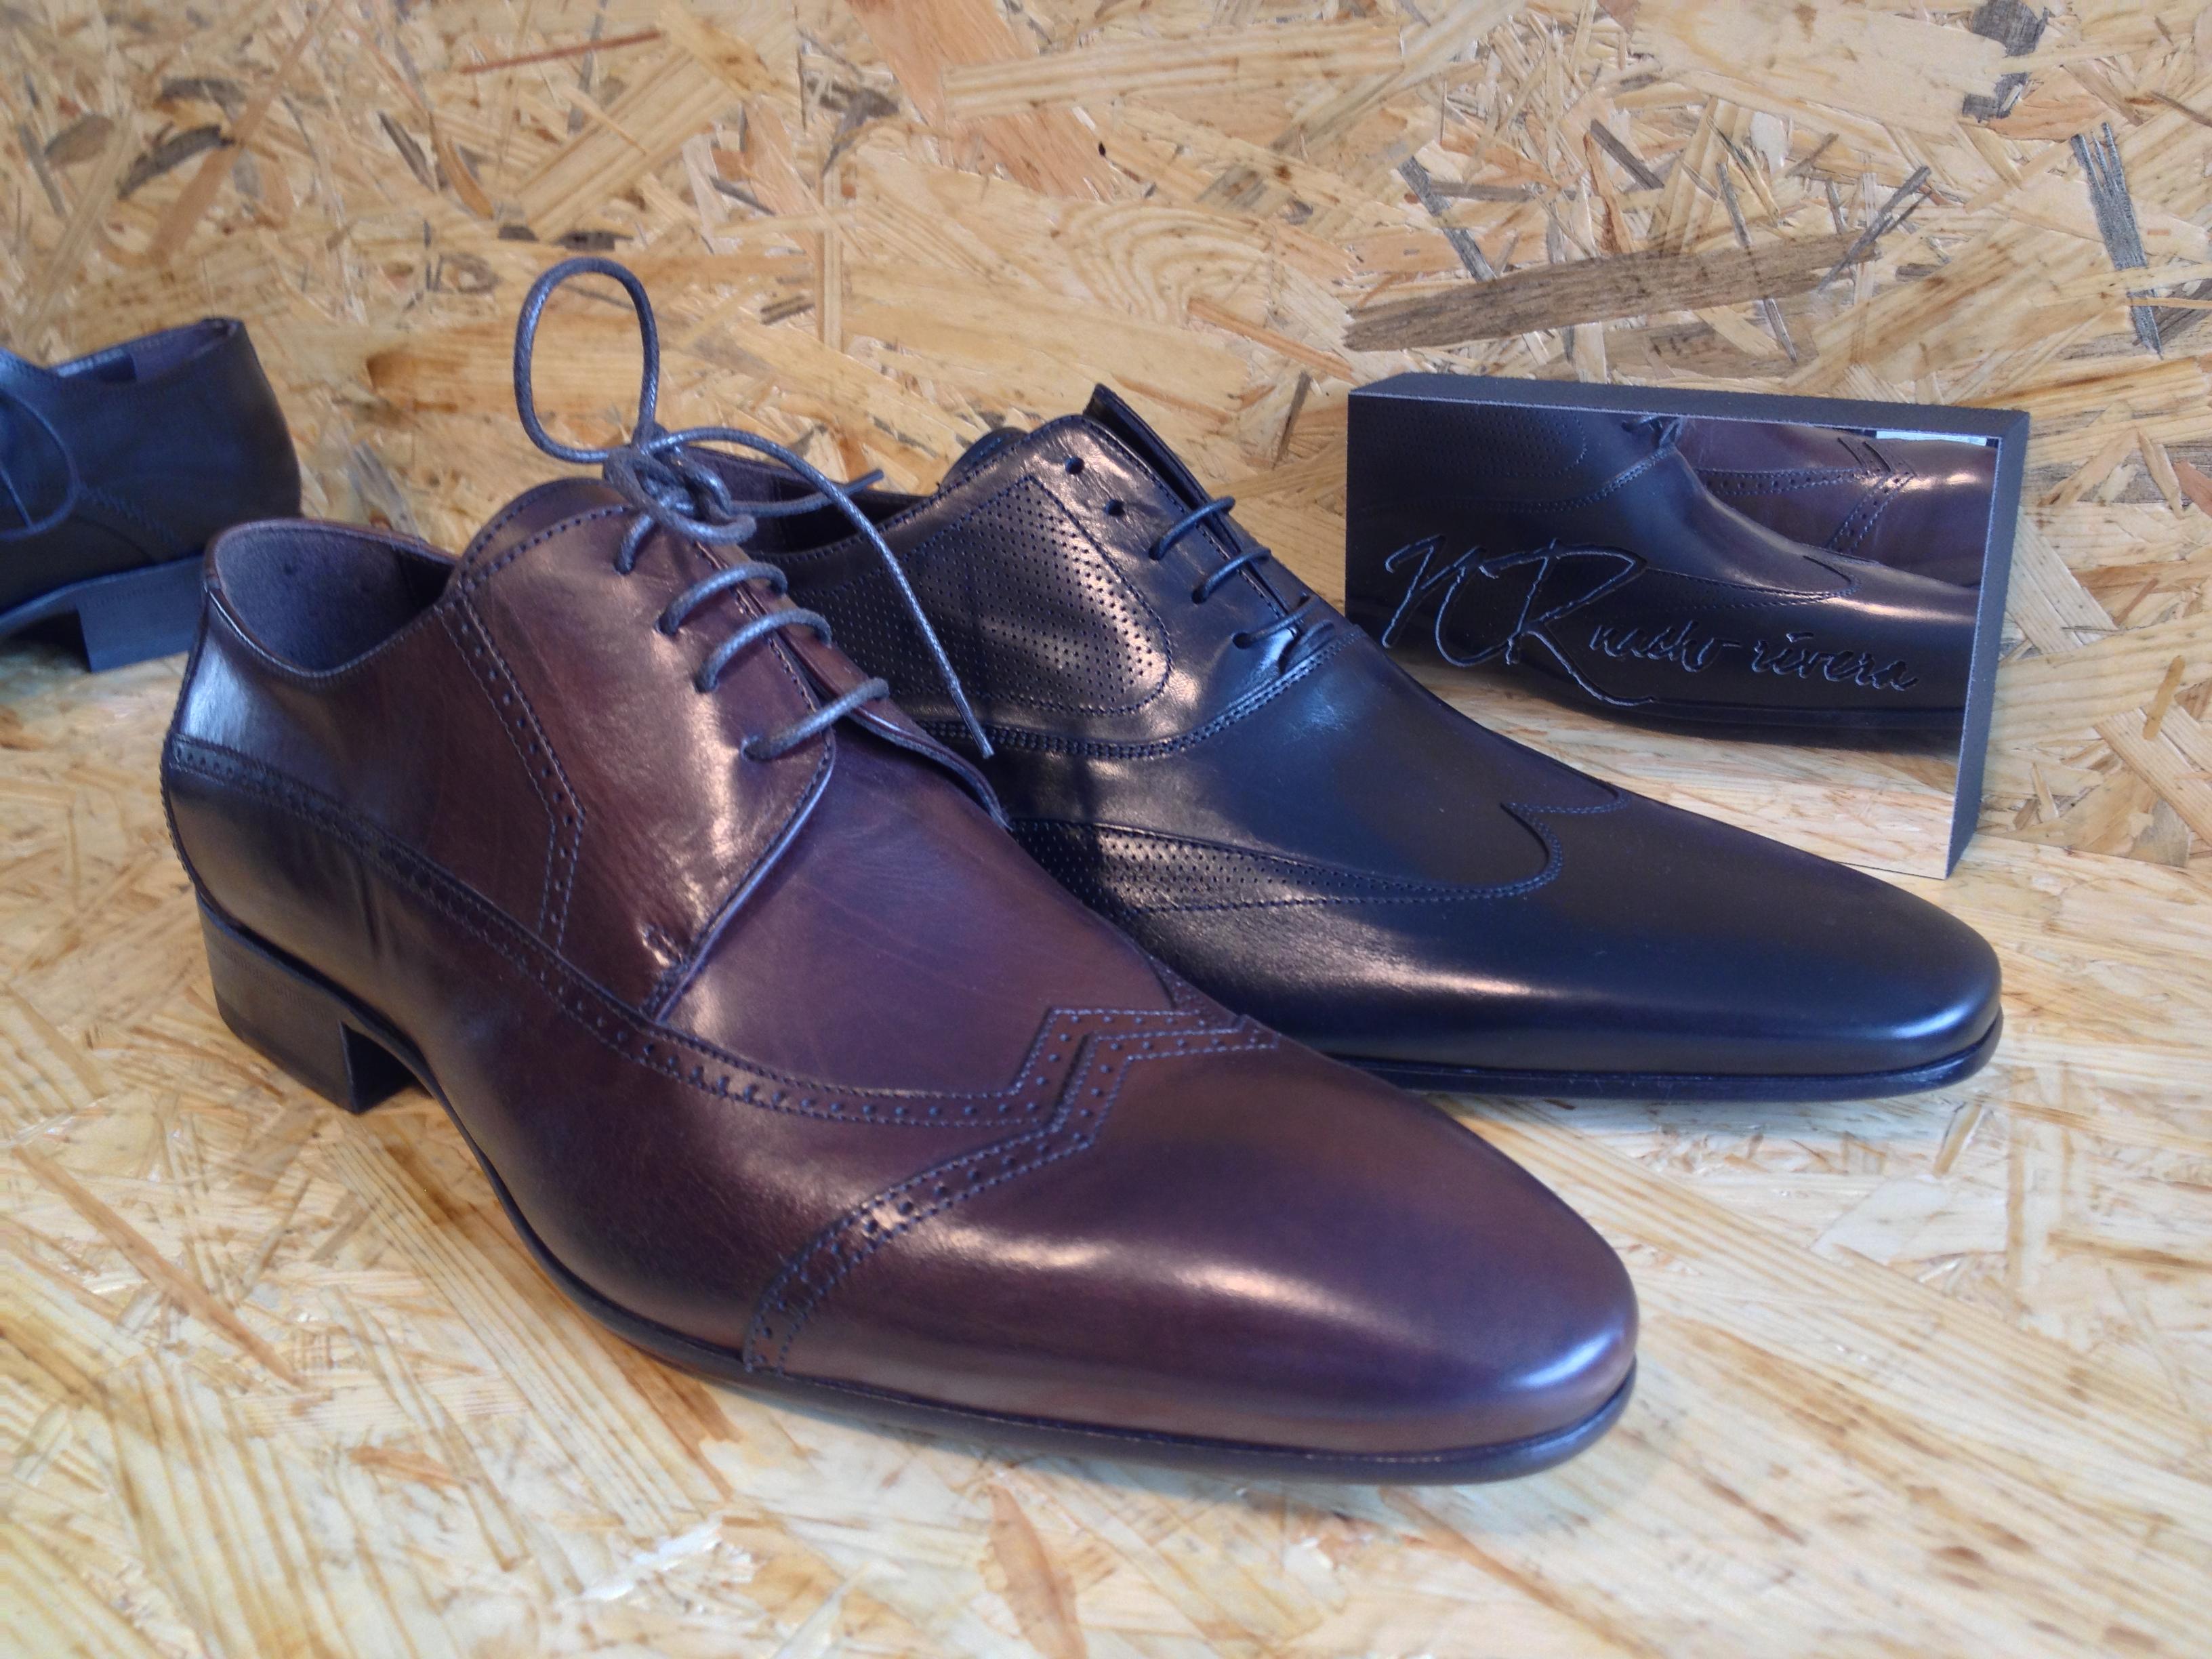 Encantador Zapatos De Vestir De Plata Para La Boda Viñeta - Ideas de ...